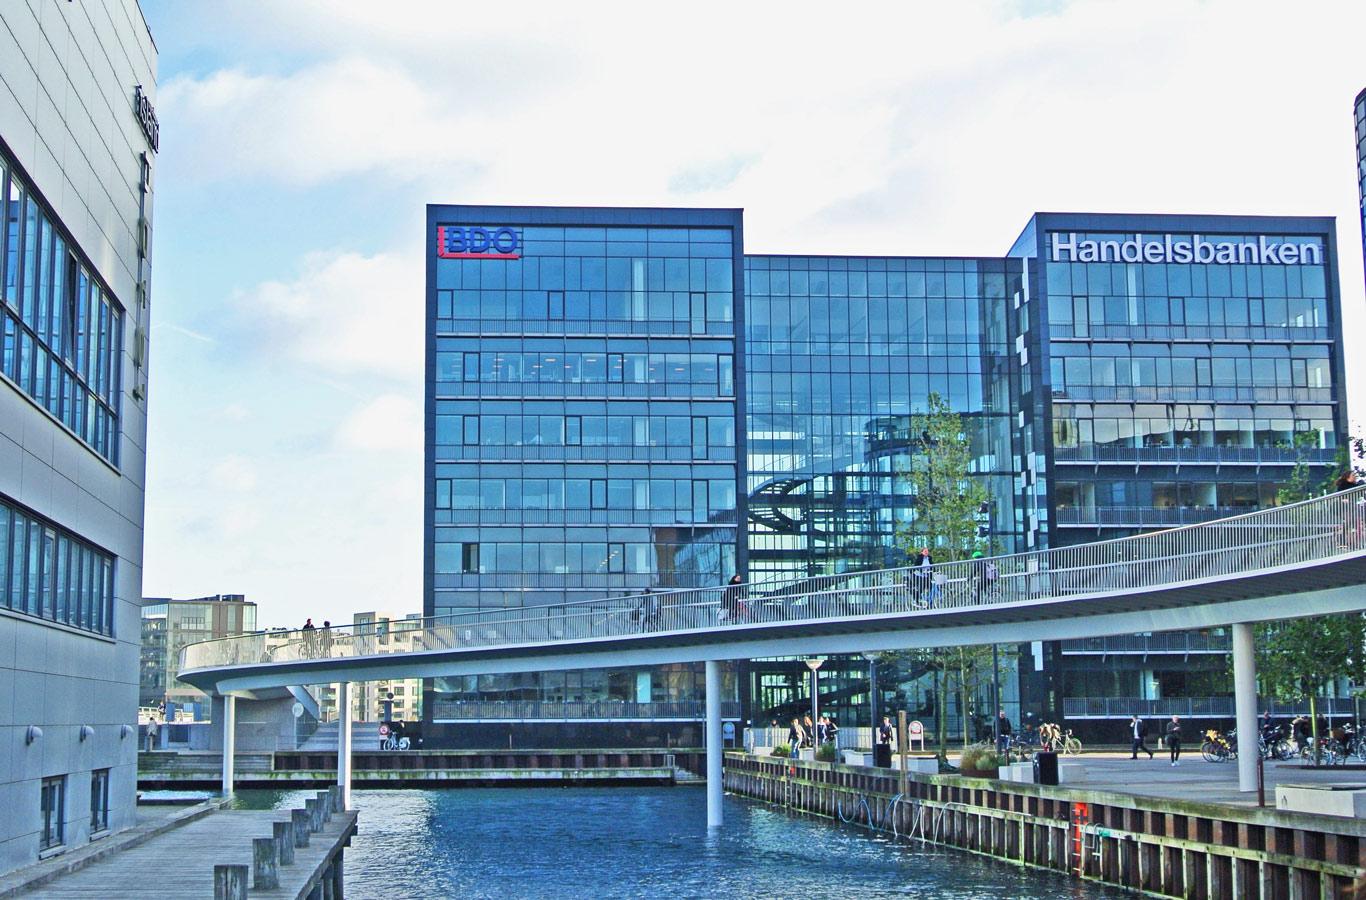 Copenaghen ponte ciclabile Cykelslangen